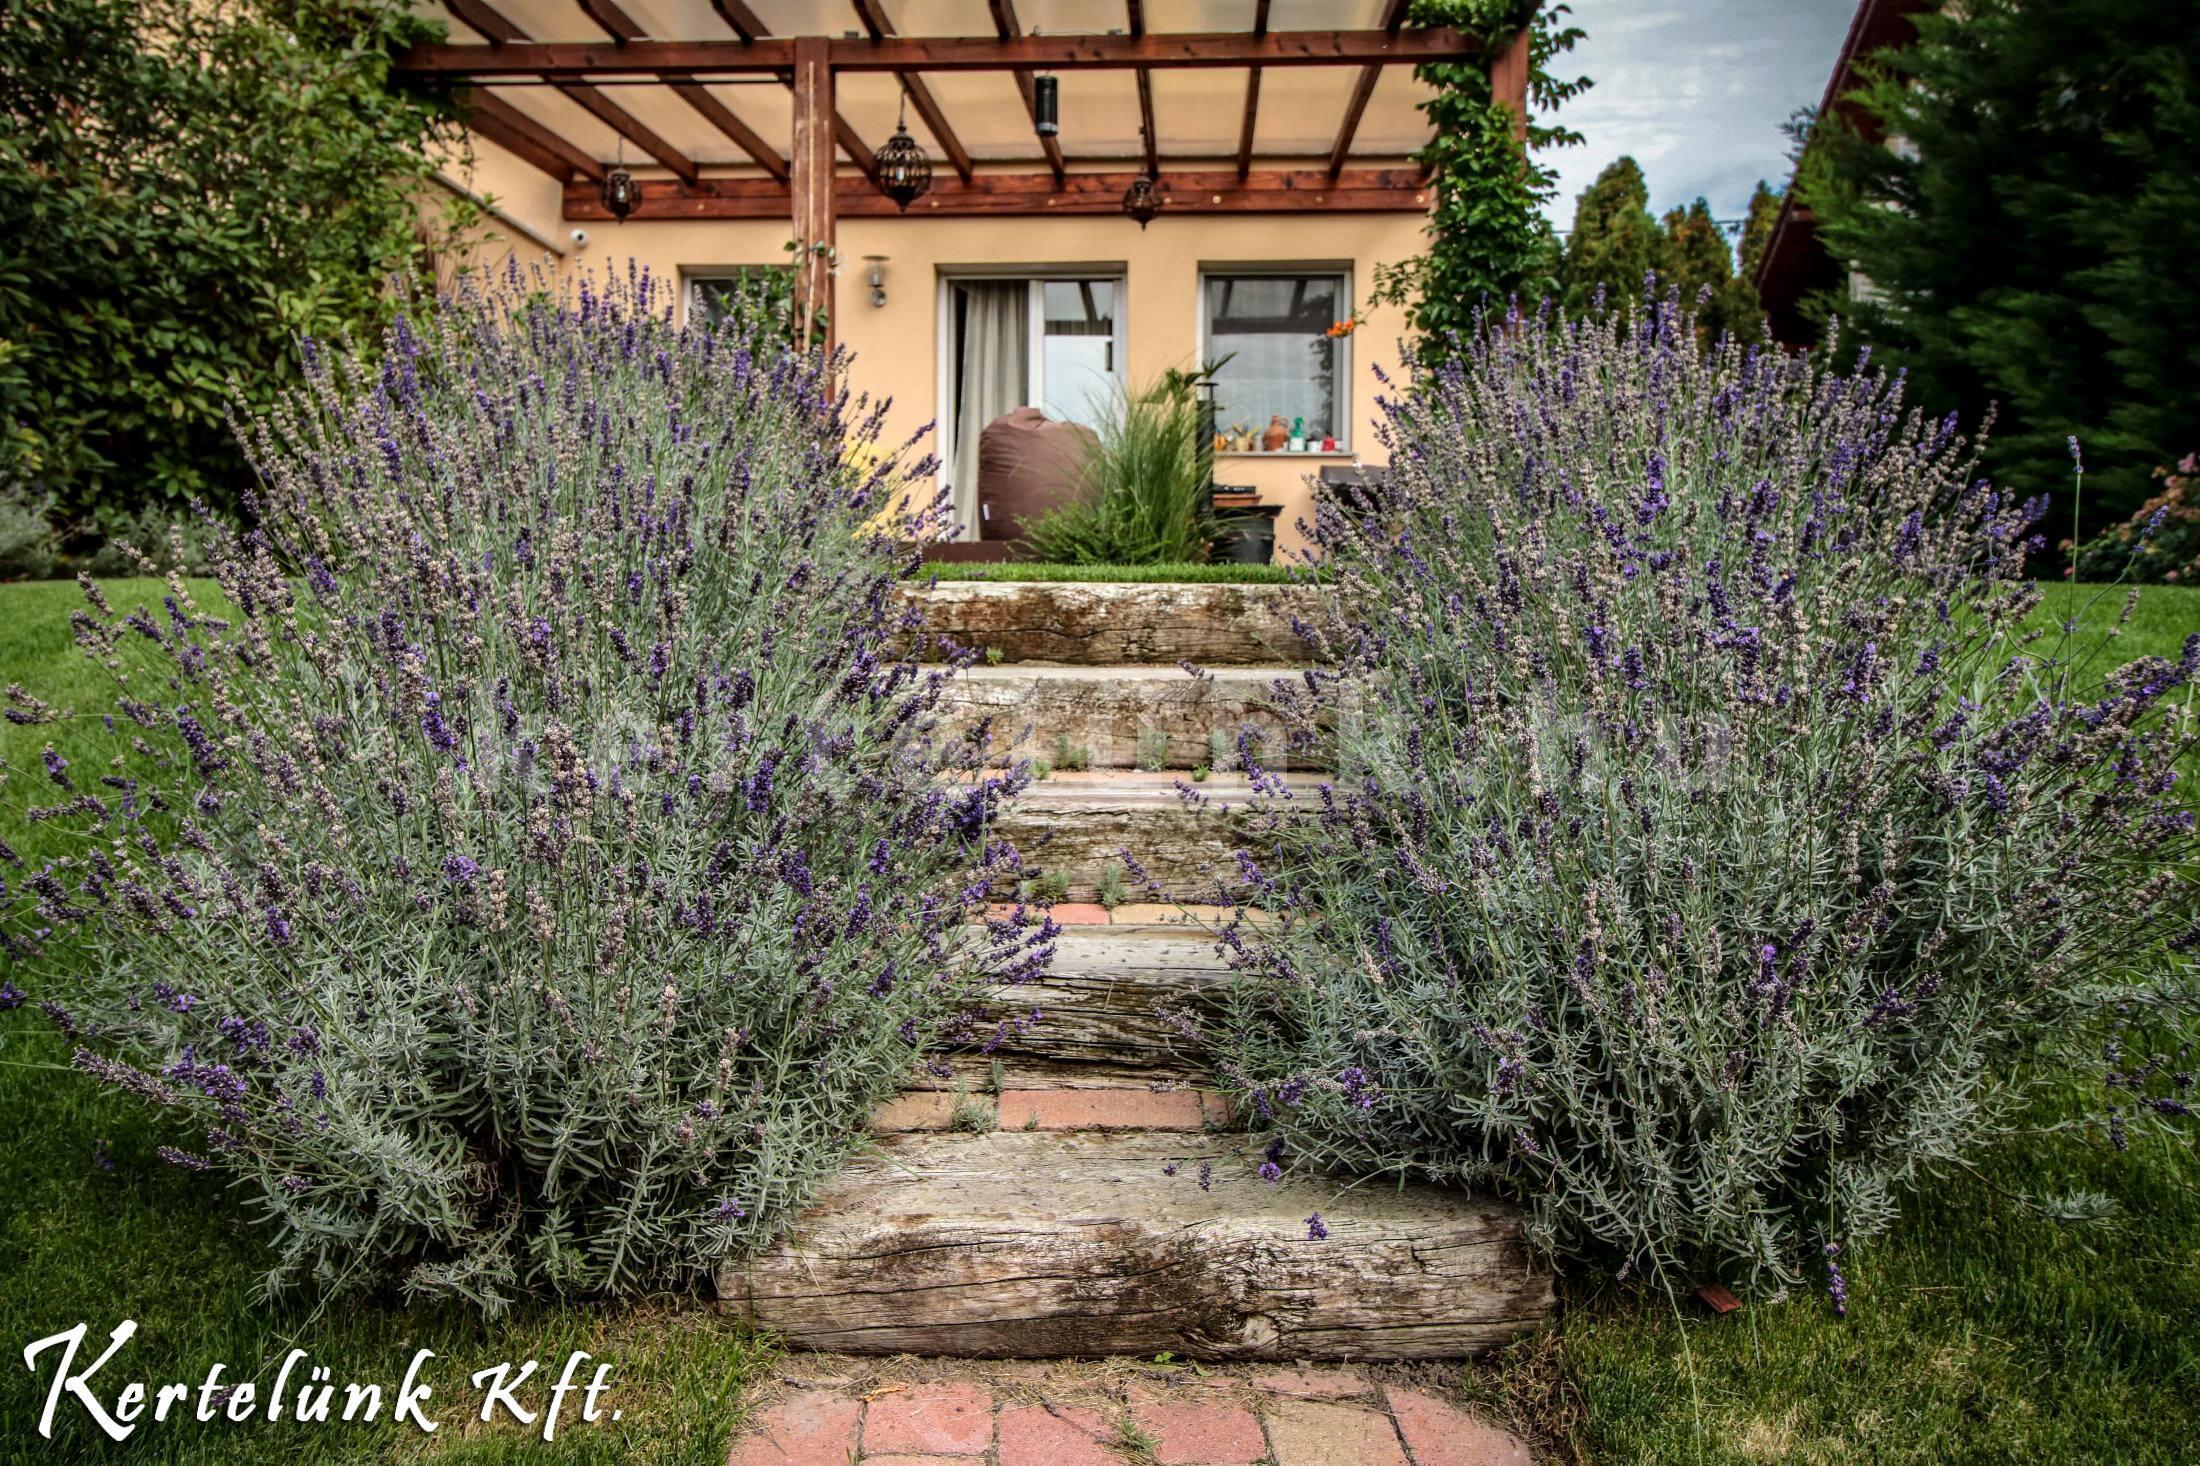 Mediterrán kert terméskő lépcsővel és levendula bokrokkal.